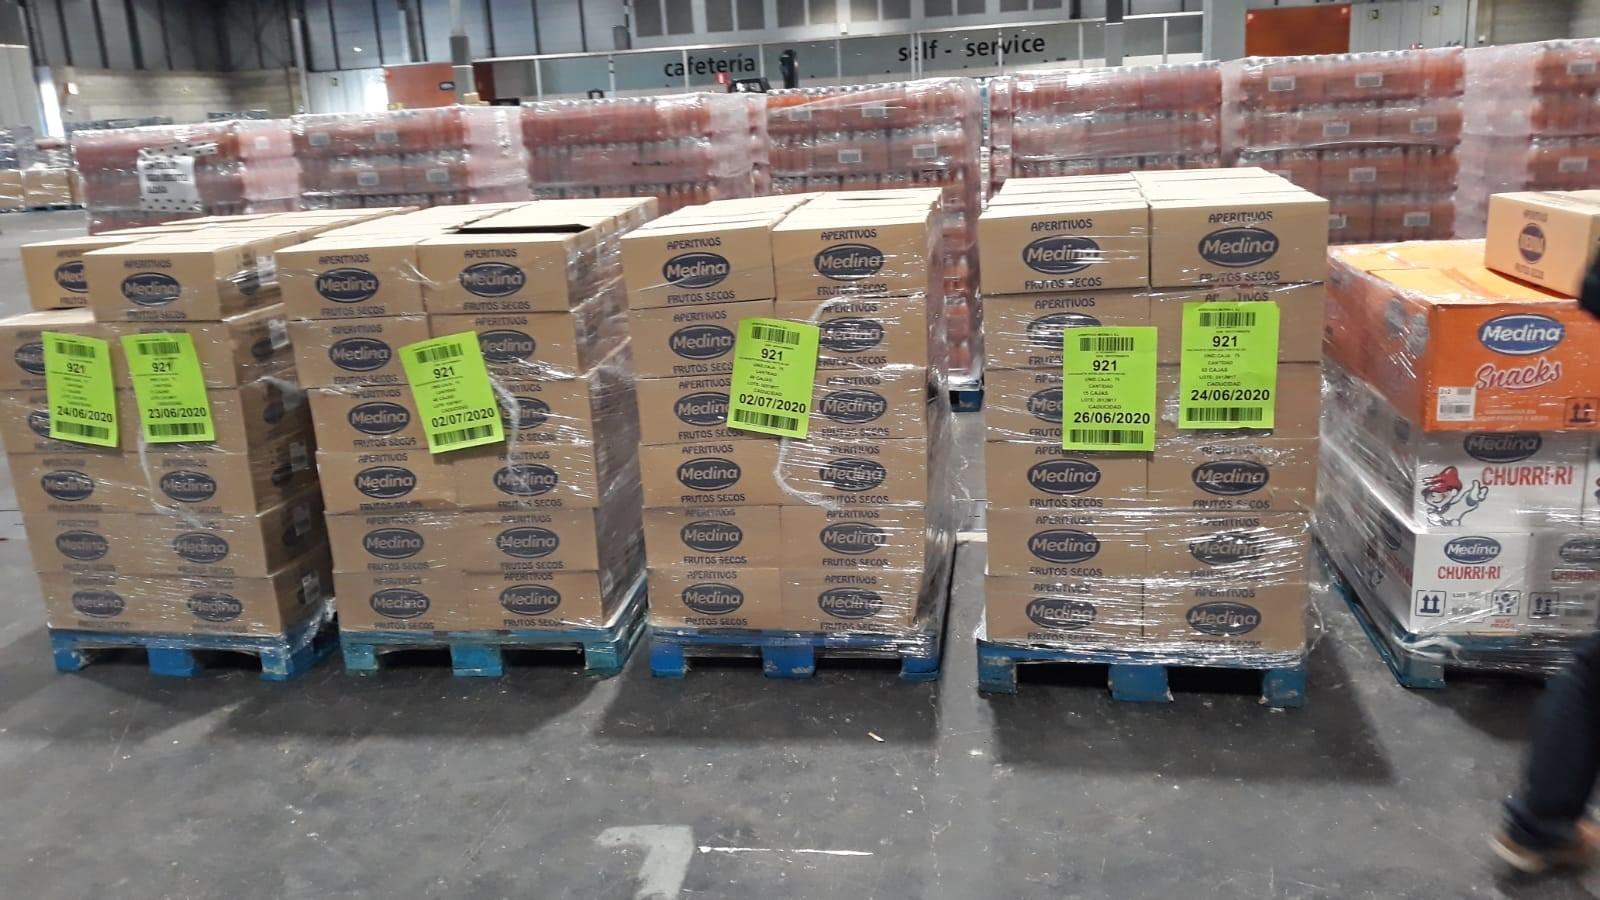 Aperitivos Medina dona más de 1.000 kg de producto al Hospital de Campaña de Ifema. • Aplaude a los sanitarios con un envío de 4.800 bolsas de Nuts Time a la Fundación Jiménez Díaz